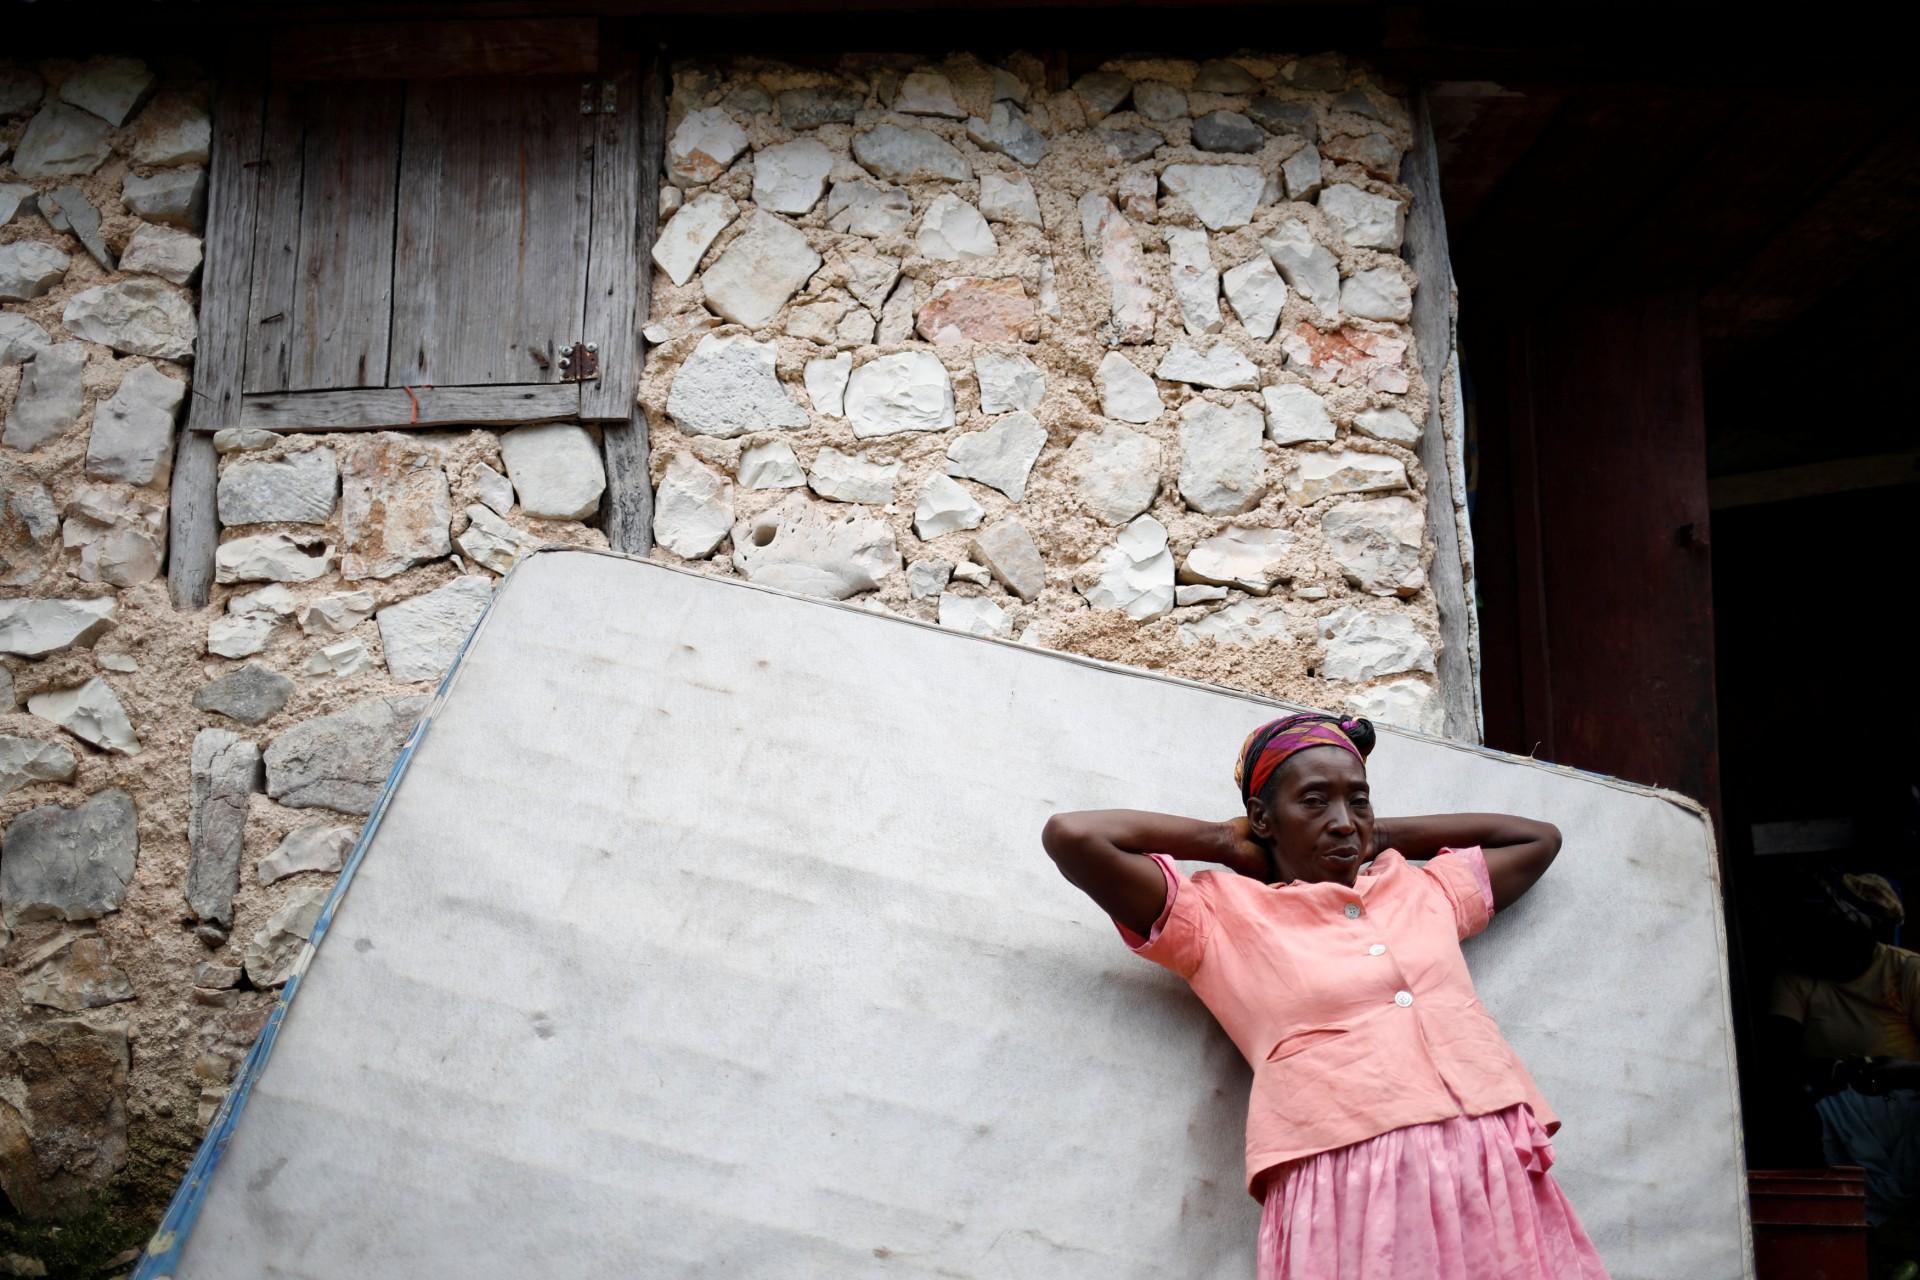 Como Es Vivir En Haiti el pueblo olvidado de haití - infobae